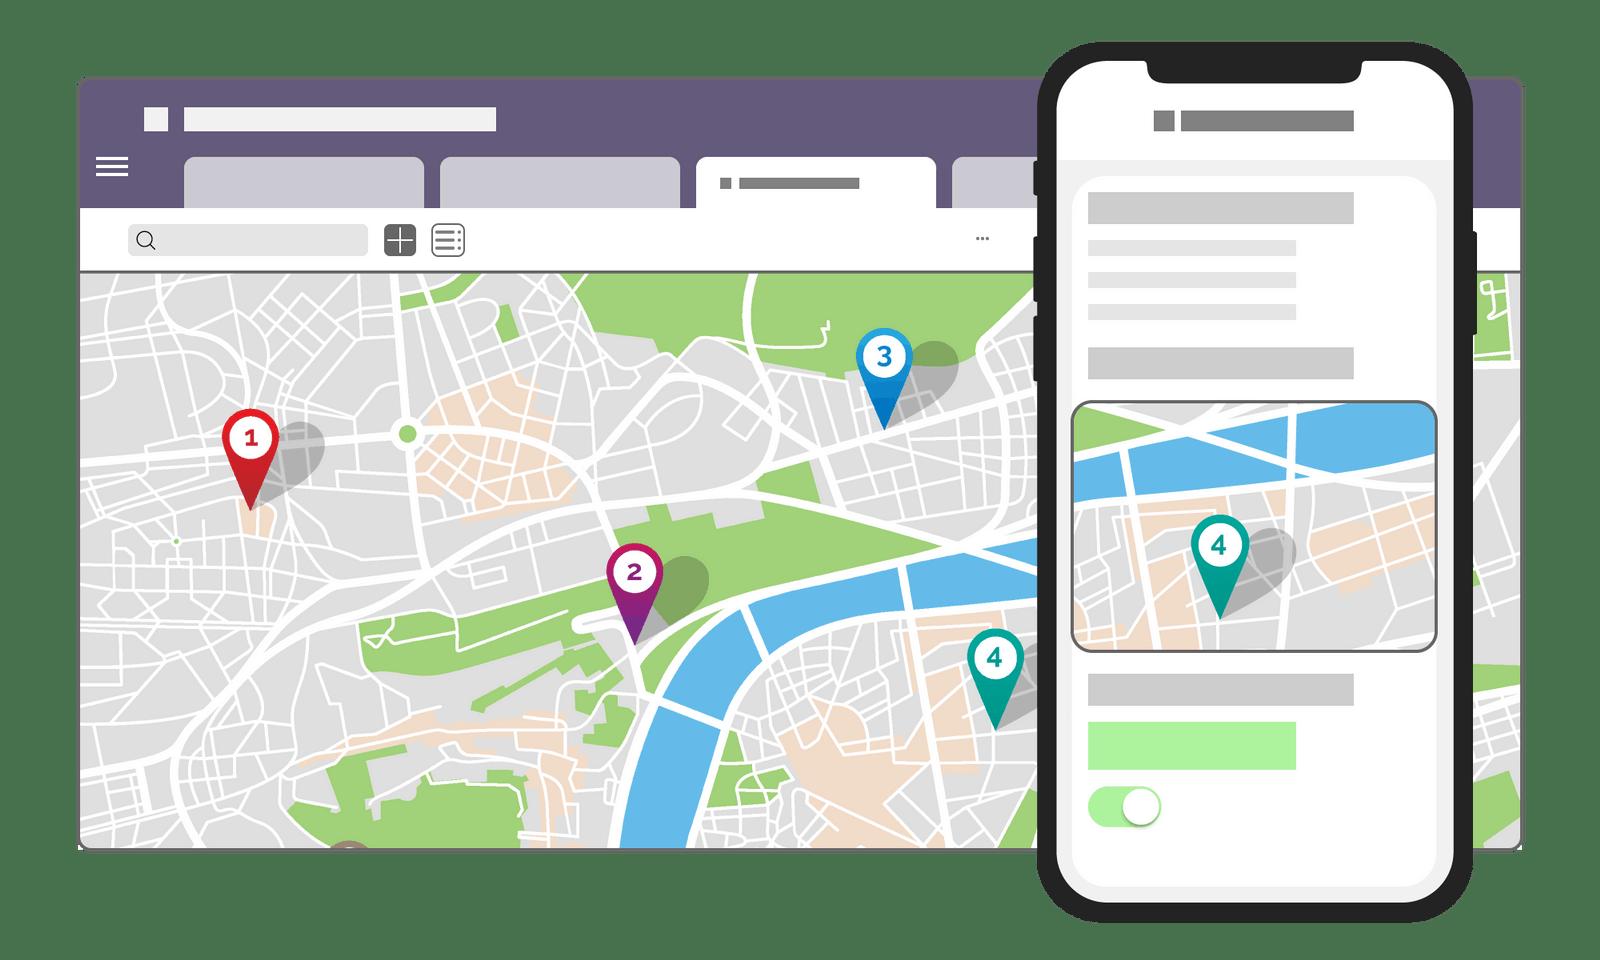 De localiser vos chantiers, vos sites ou vos clients sous forme de cartes.